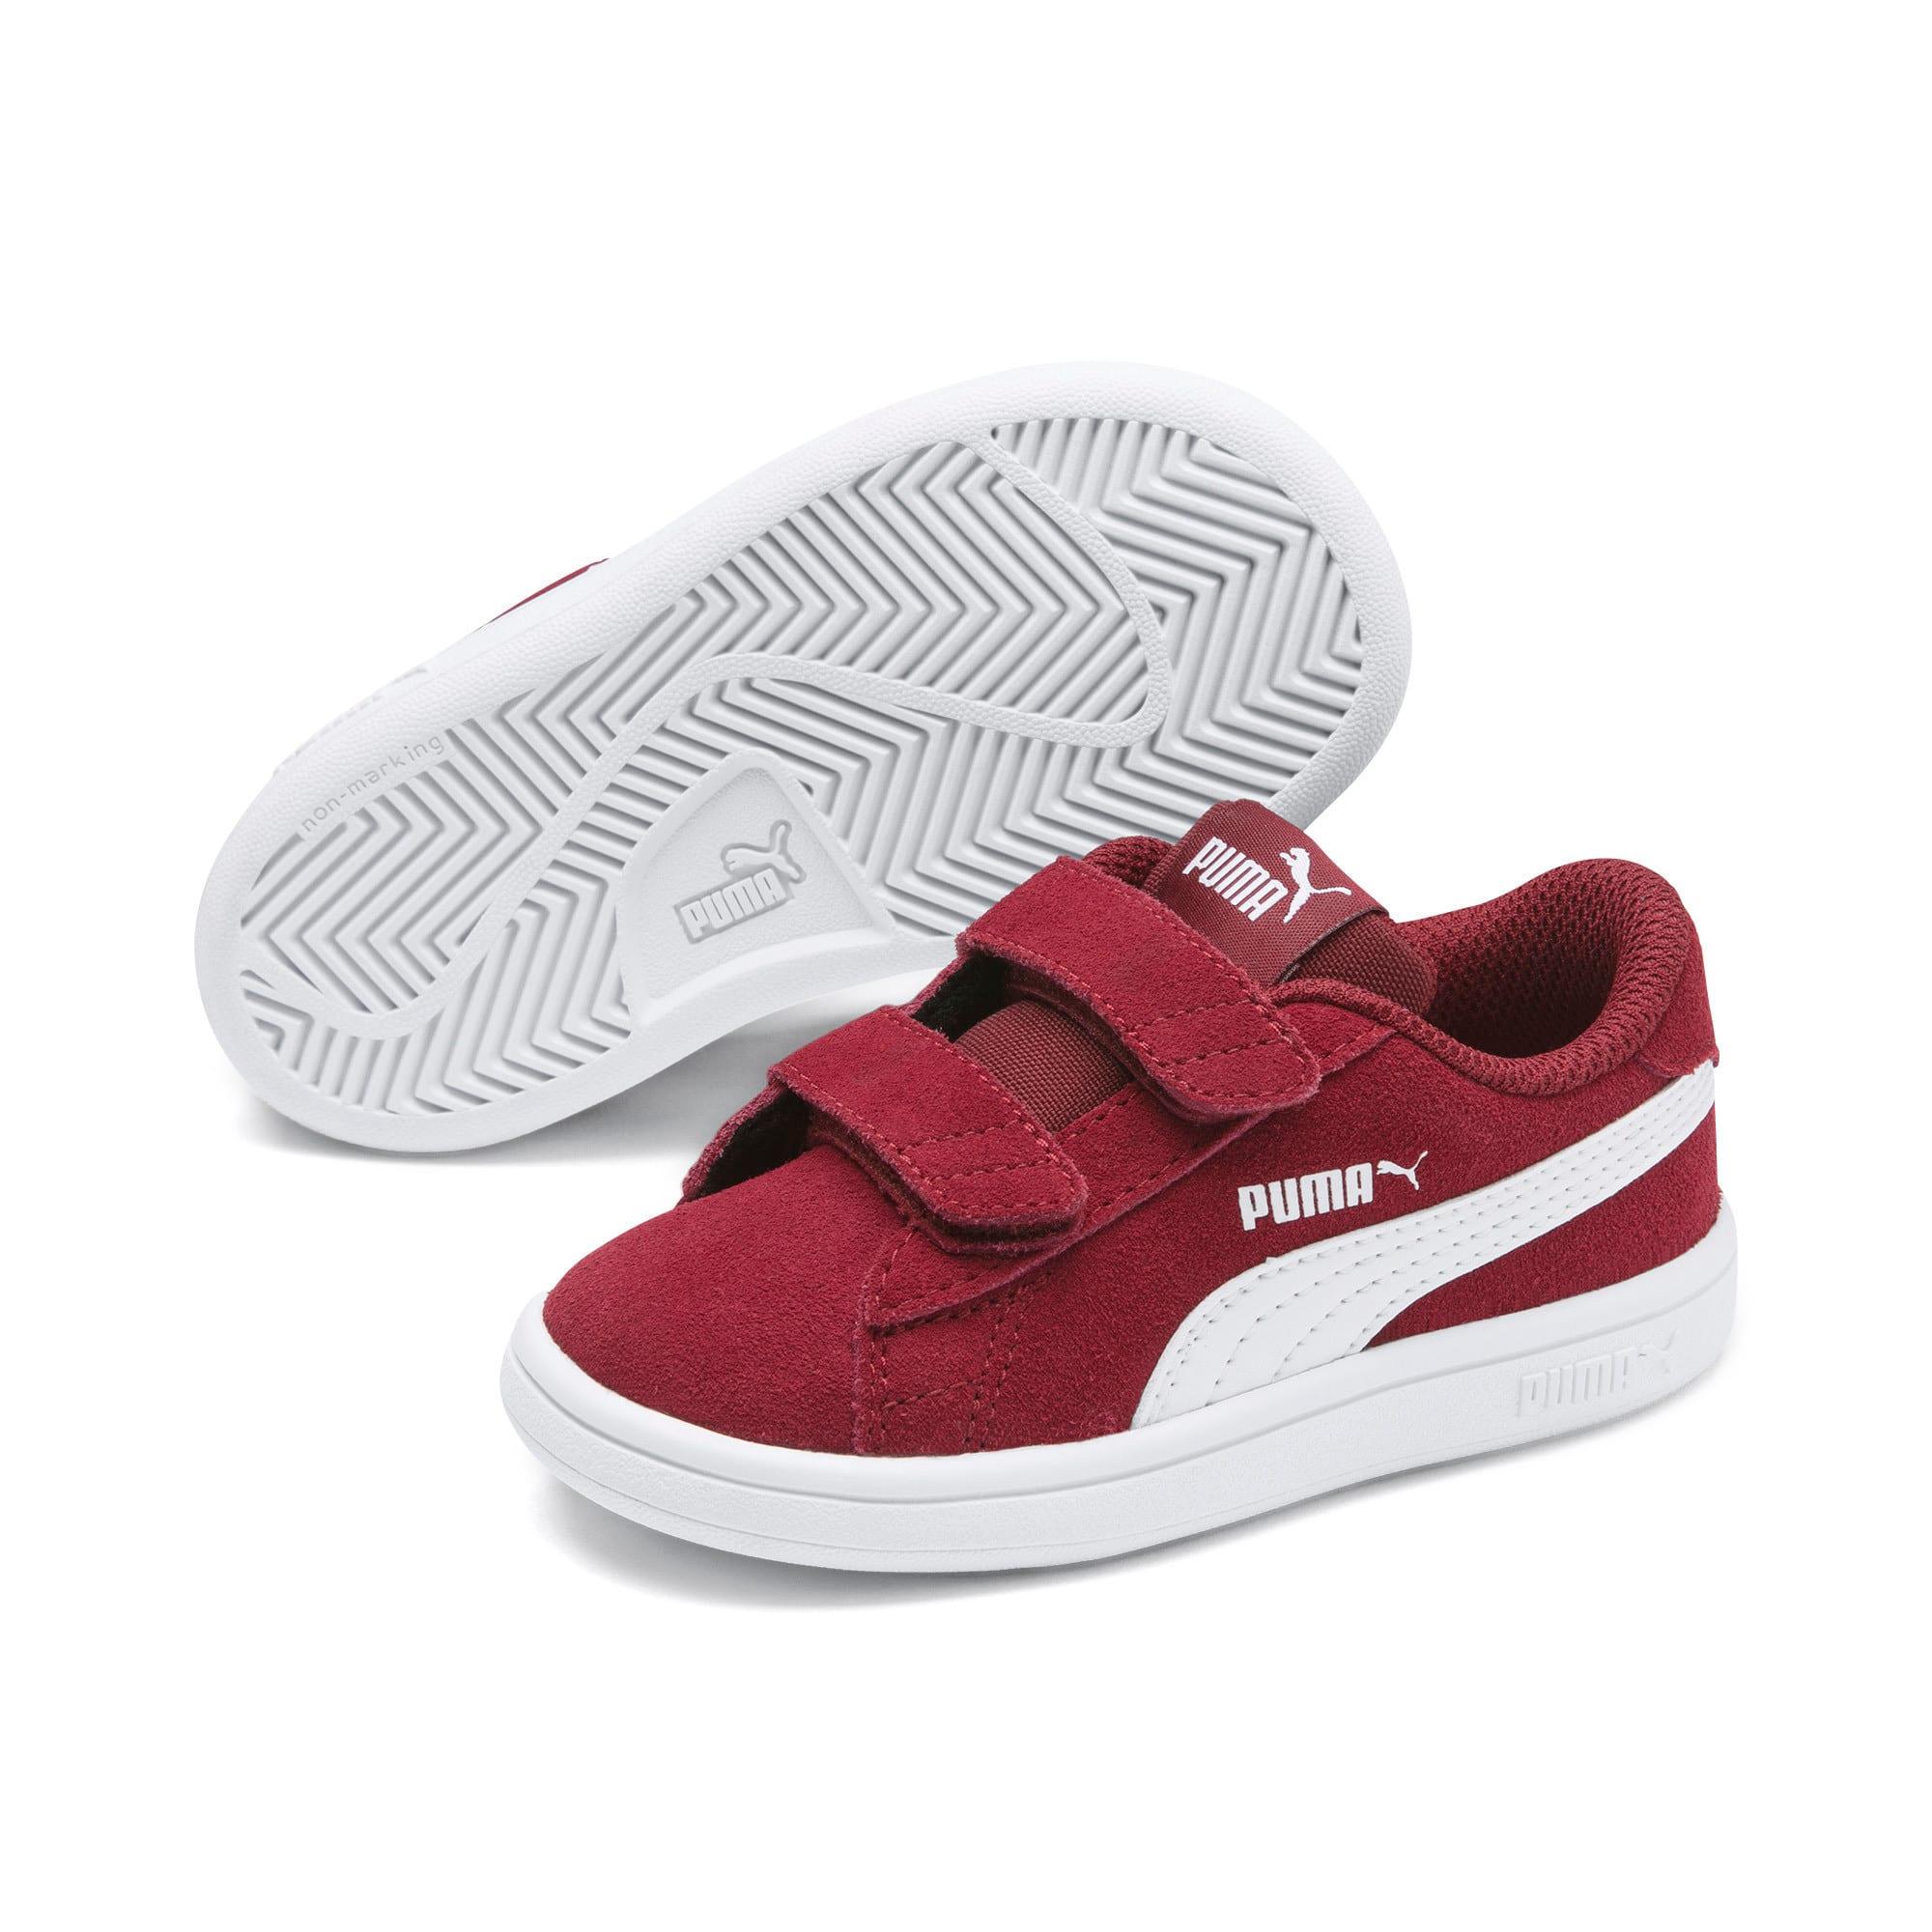 Thumbnail 2 of PUMA Smash v2 Suede Toddler Shoes, Rhubarb-Puma White, medium